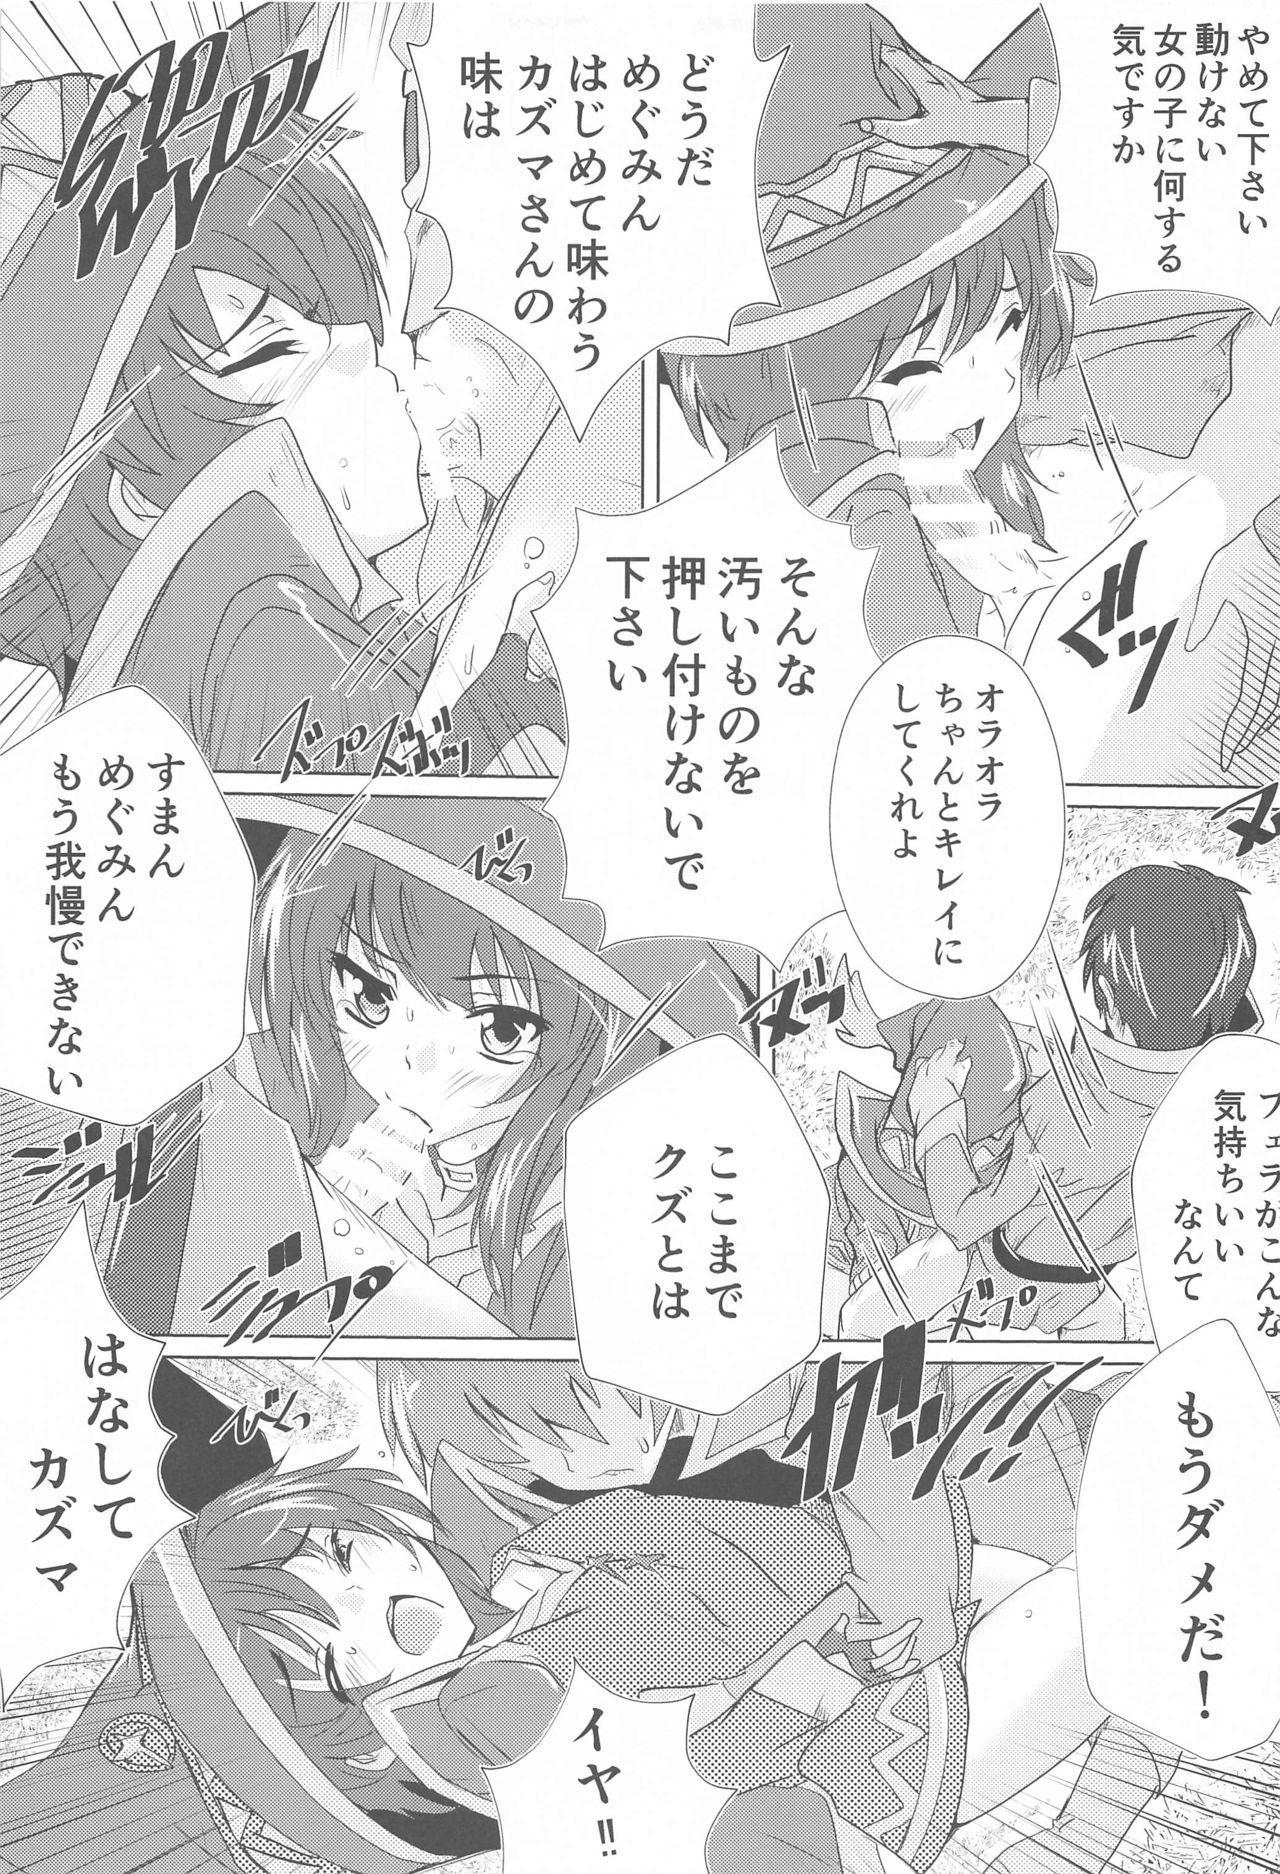 Megumin no Nichijou 7